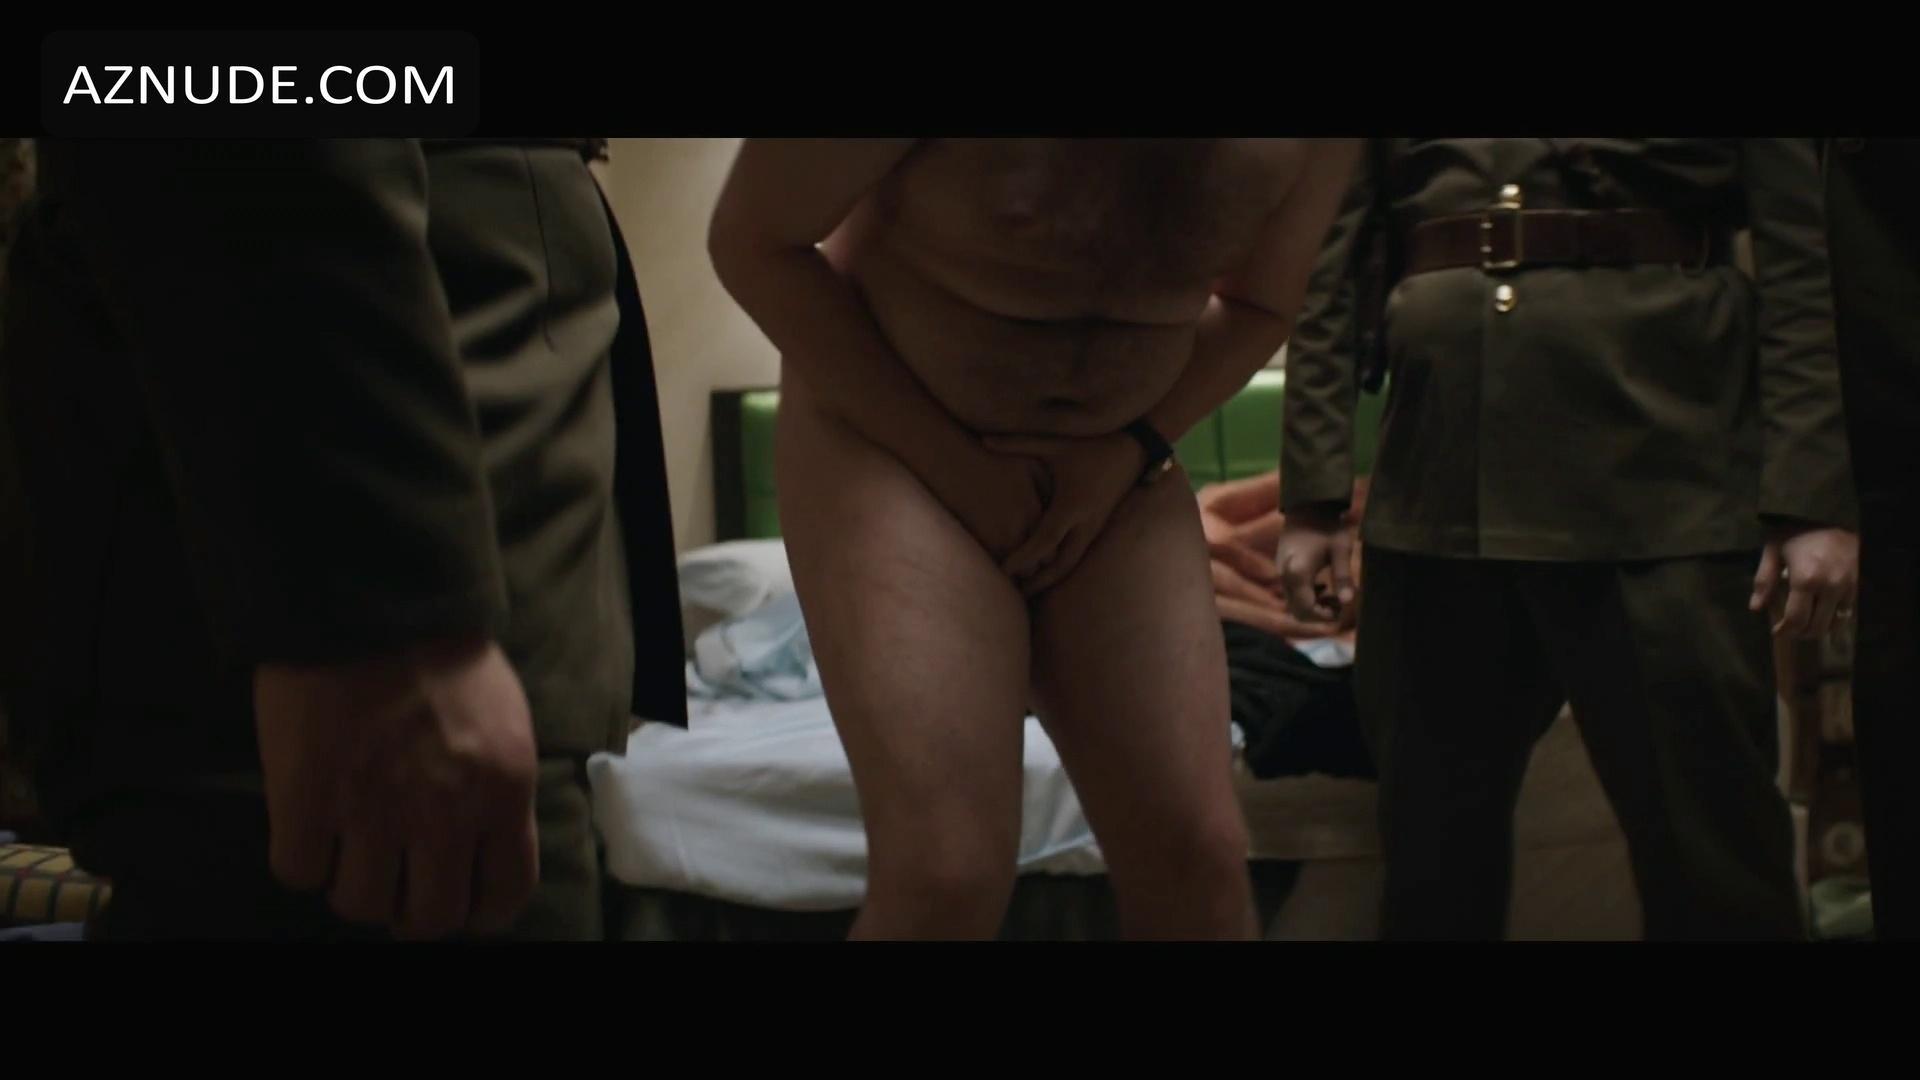 Seth rogen nude scene